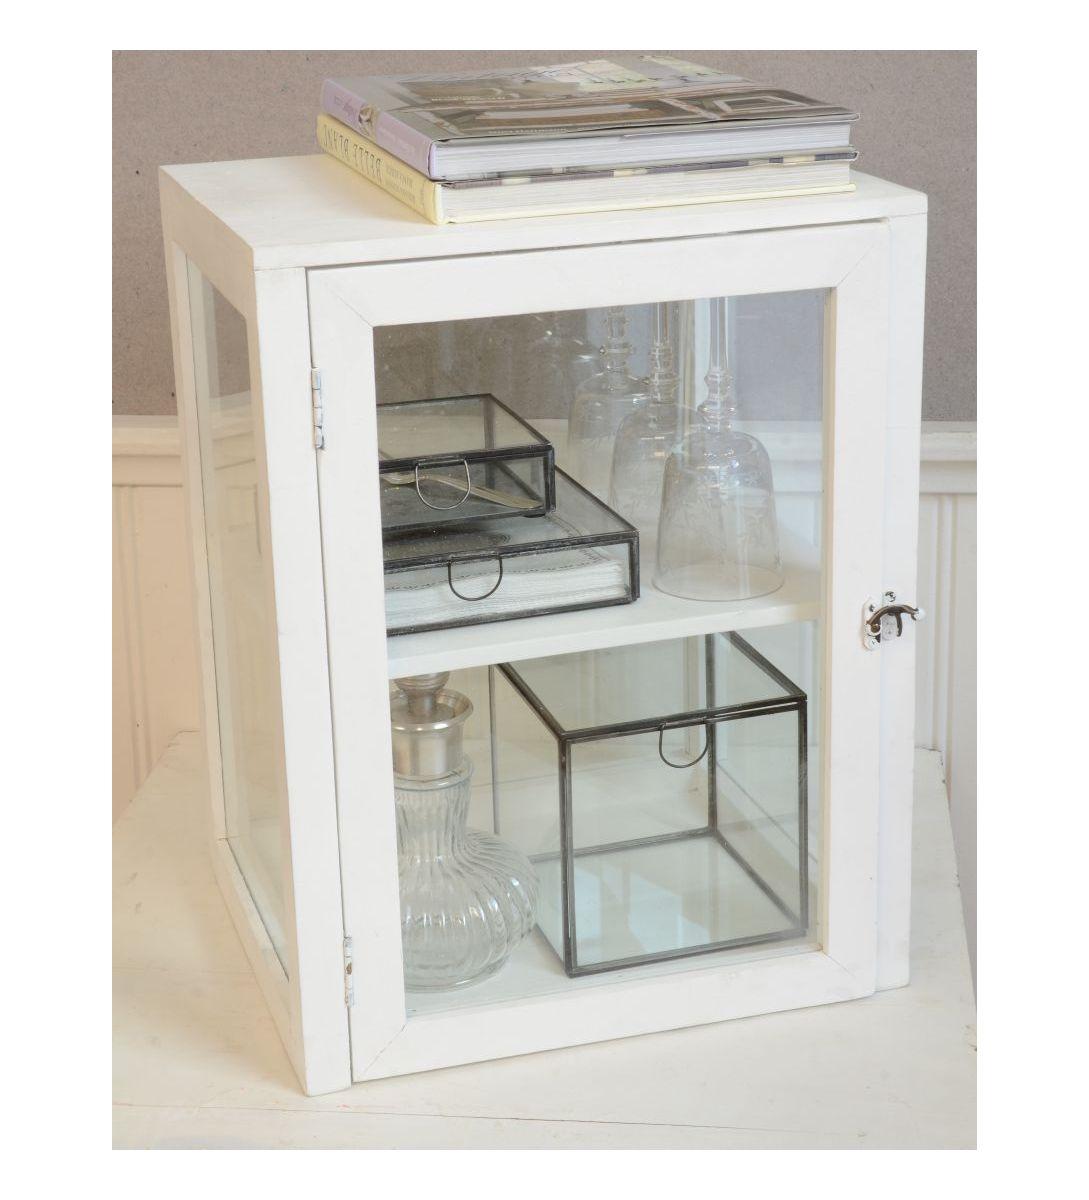 laursen regal 4 glasseiten schr nkchen schwarz 5281 24 fliegenschrank shabby ebay. Black Bedroom Furniture Sets. Home Design Ideas